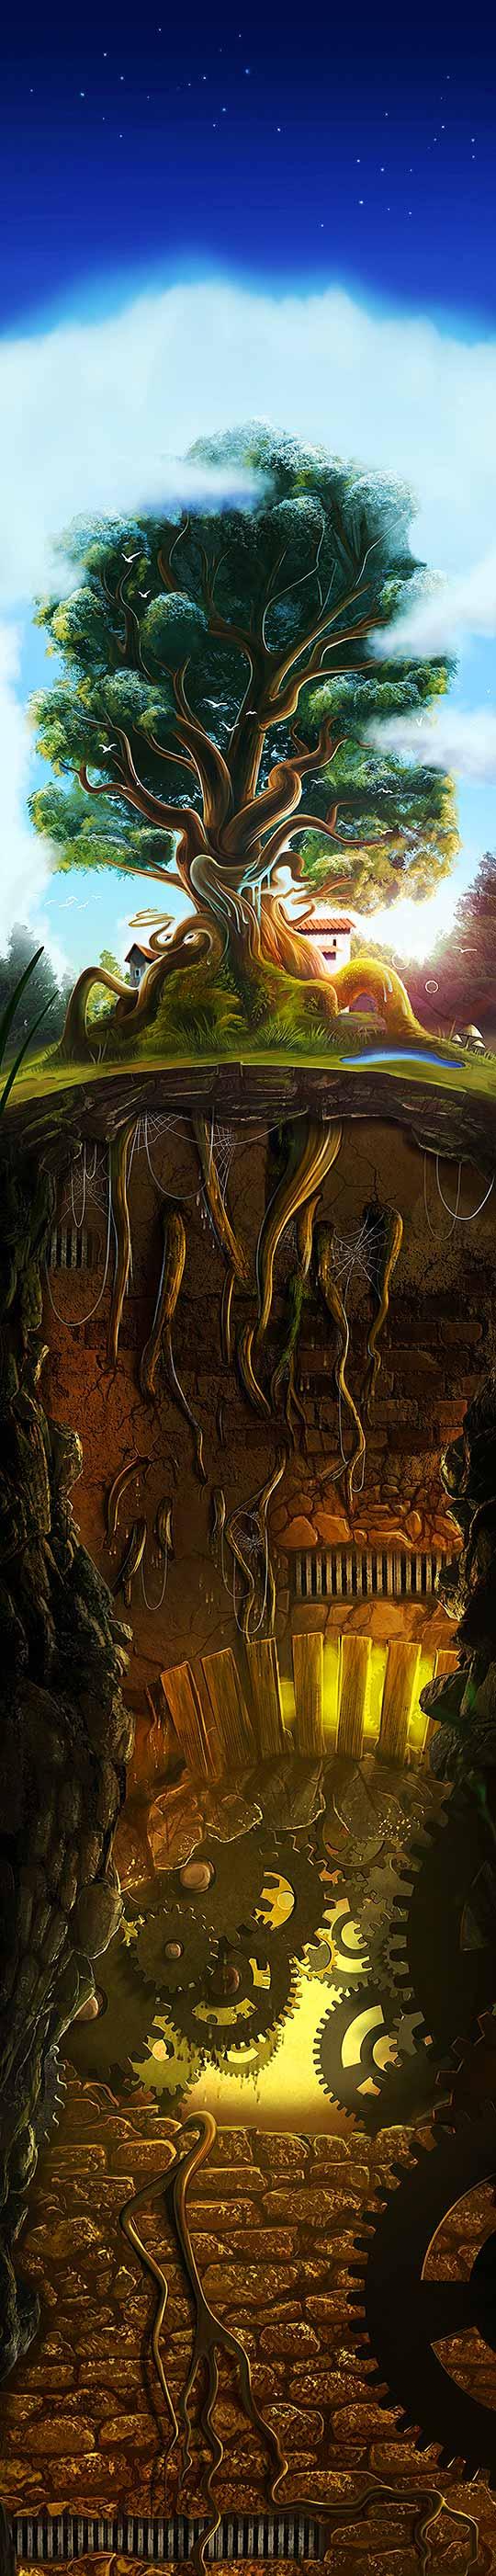 Arte digital de DAVID FUHRER.